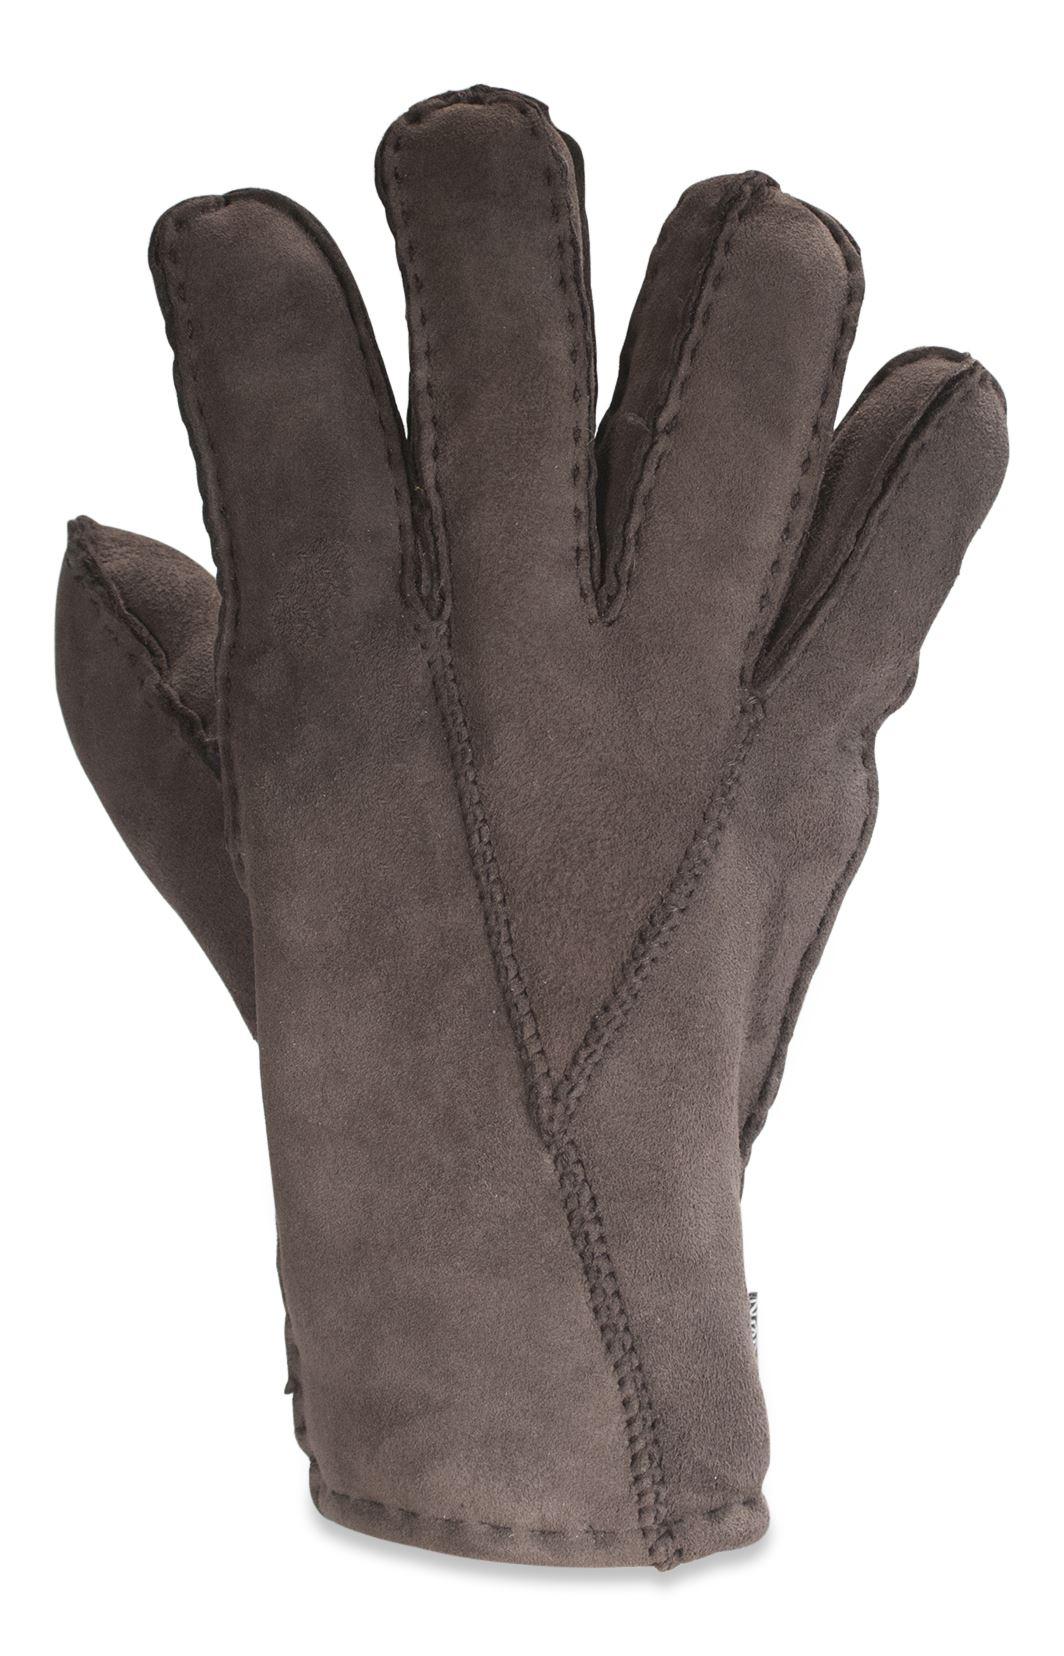 Mens sheepskin gloves uk - Sheepskin Gloves Mens